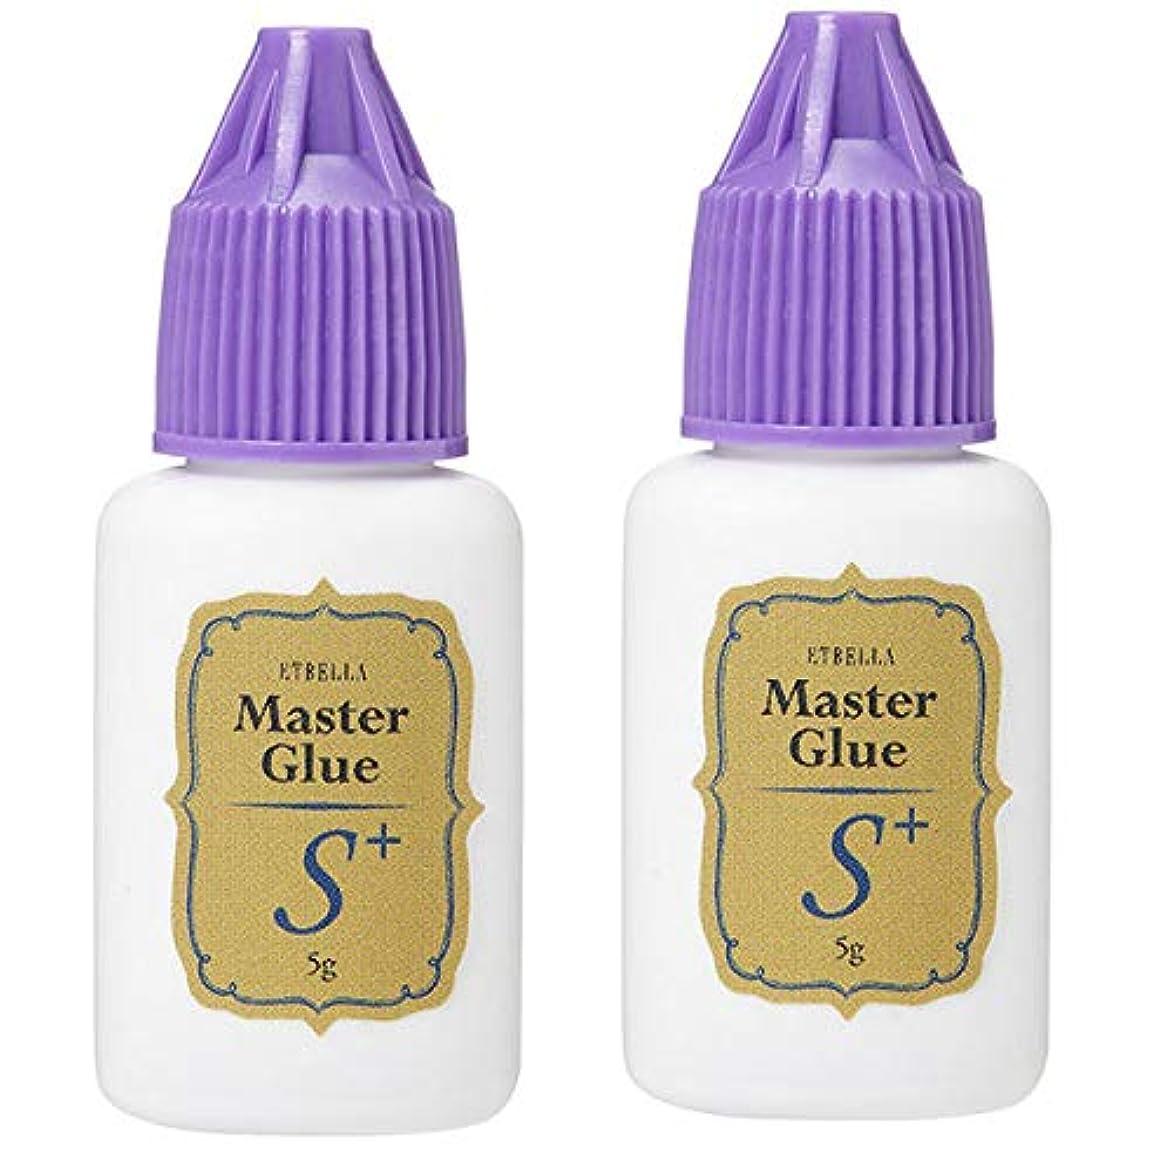 ぐったり支配する真っ逆さまエトゥベラ マスター S+タイプ グルー 5g (2個セット) [ まつ毛グルー マツエクグルー つけまつげ つけまつ毛 接着剤 高持続 速乾 まつげエクステ まつ毛エクステ マツエク エクステ まつげ まつ毛 業務用 ]